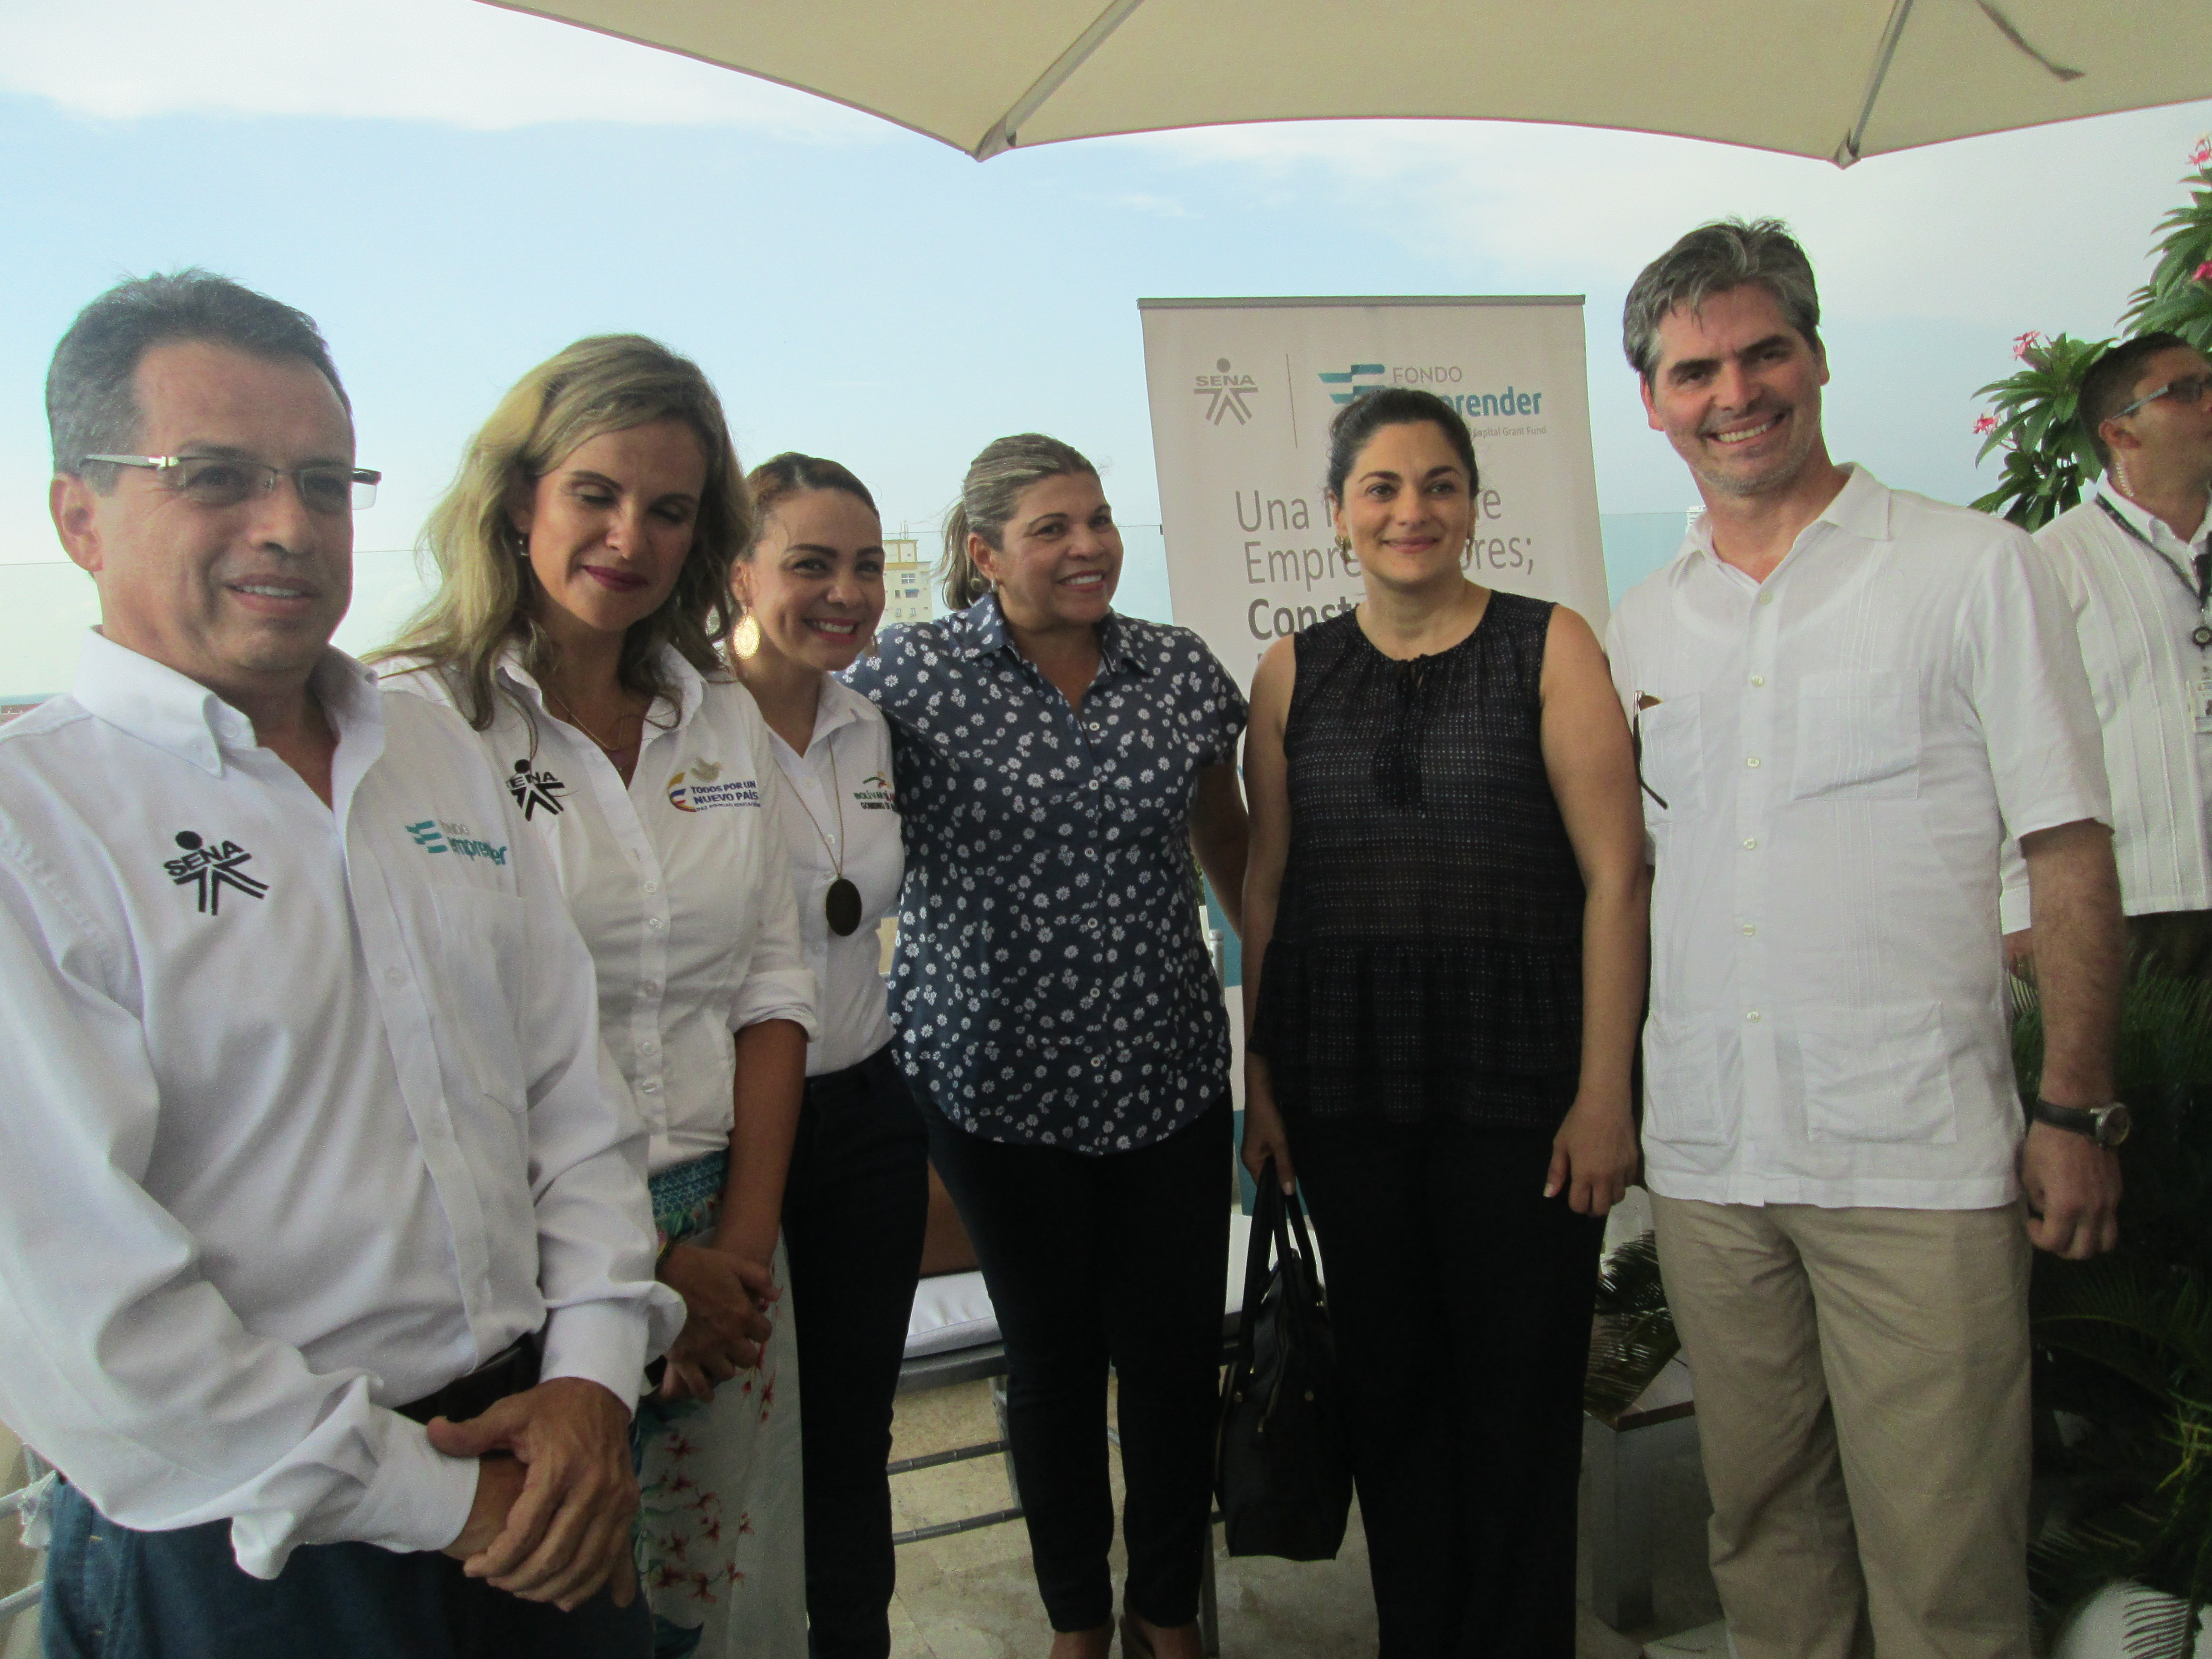 Sena y fondo emprender realizan lanzamiento de excelente iniciativa laboral.